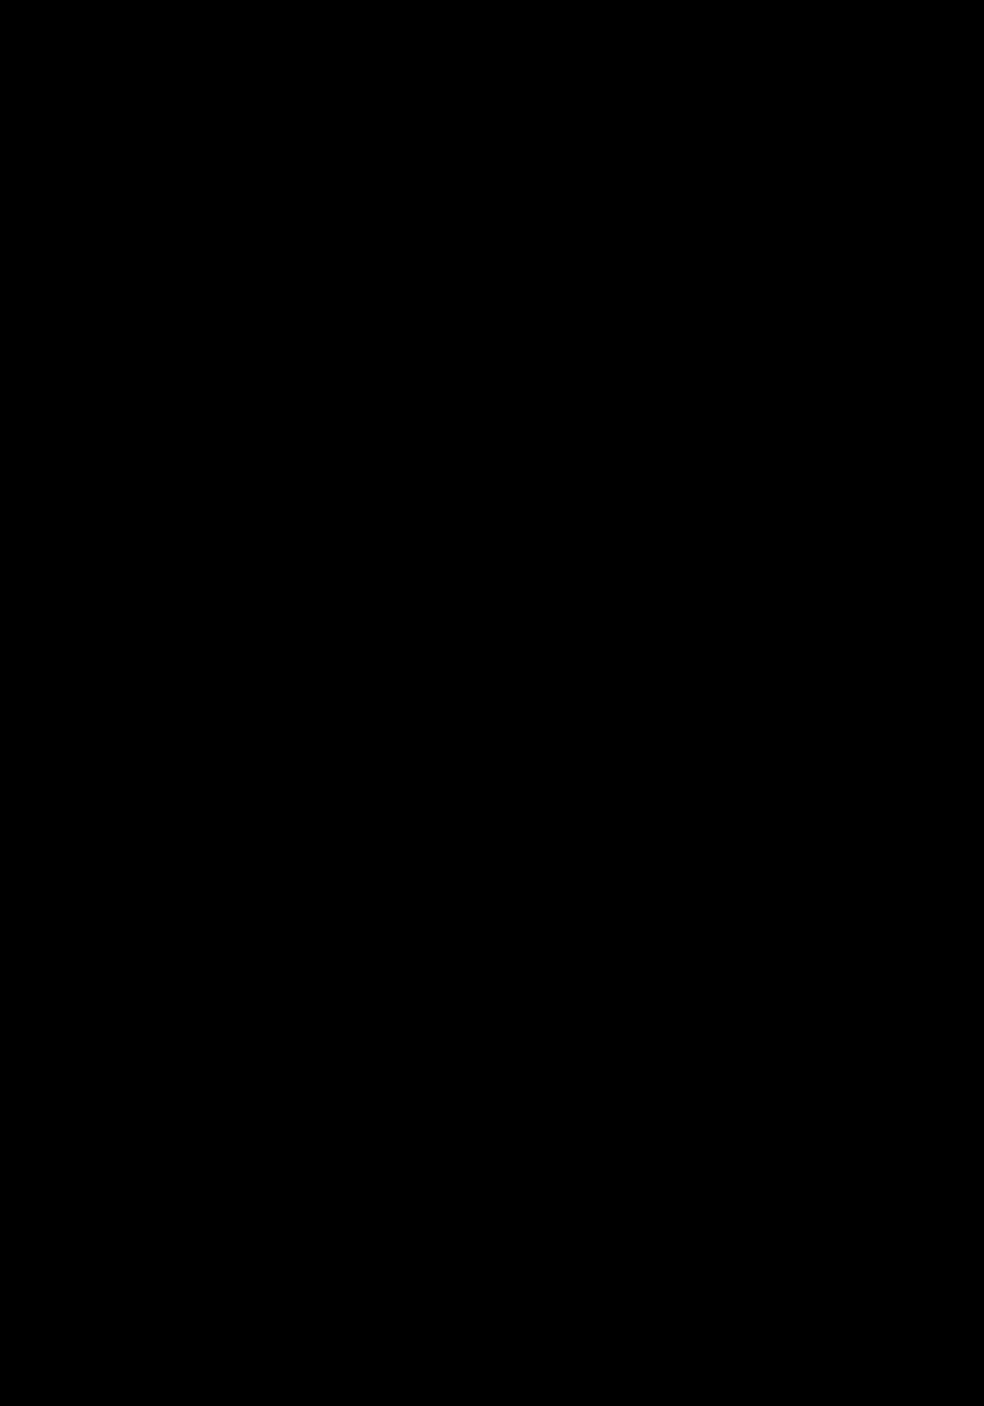 艶 B 小かな BTU-KS 横組見本